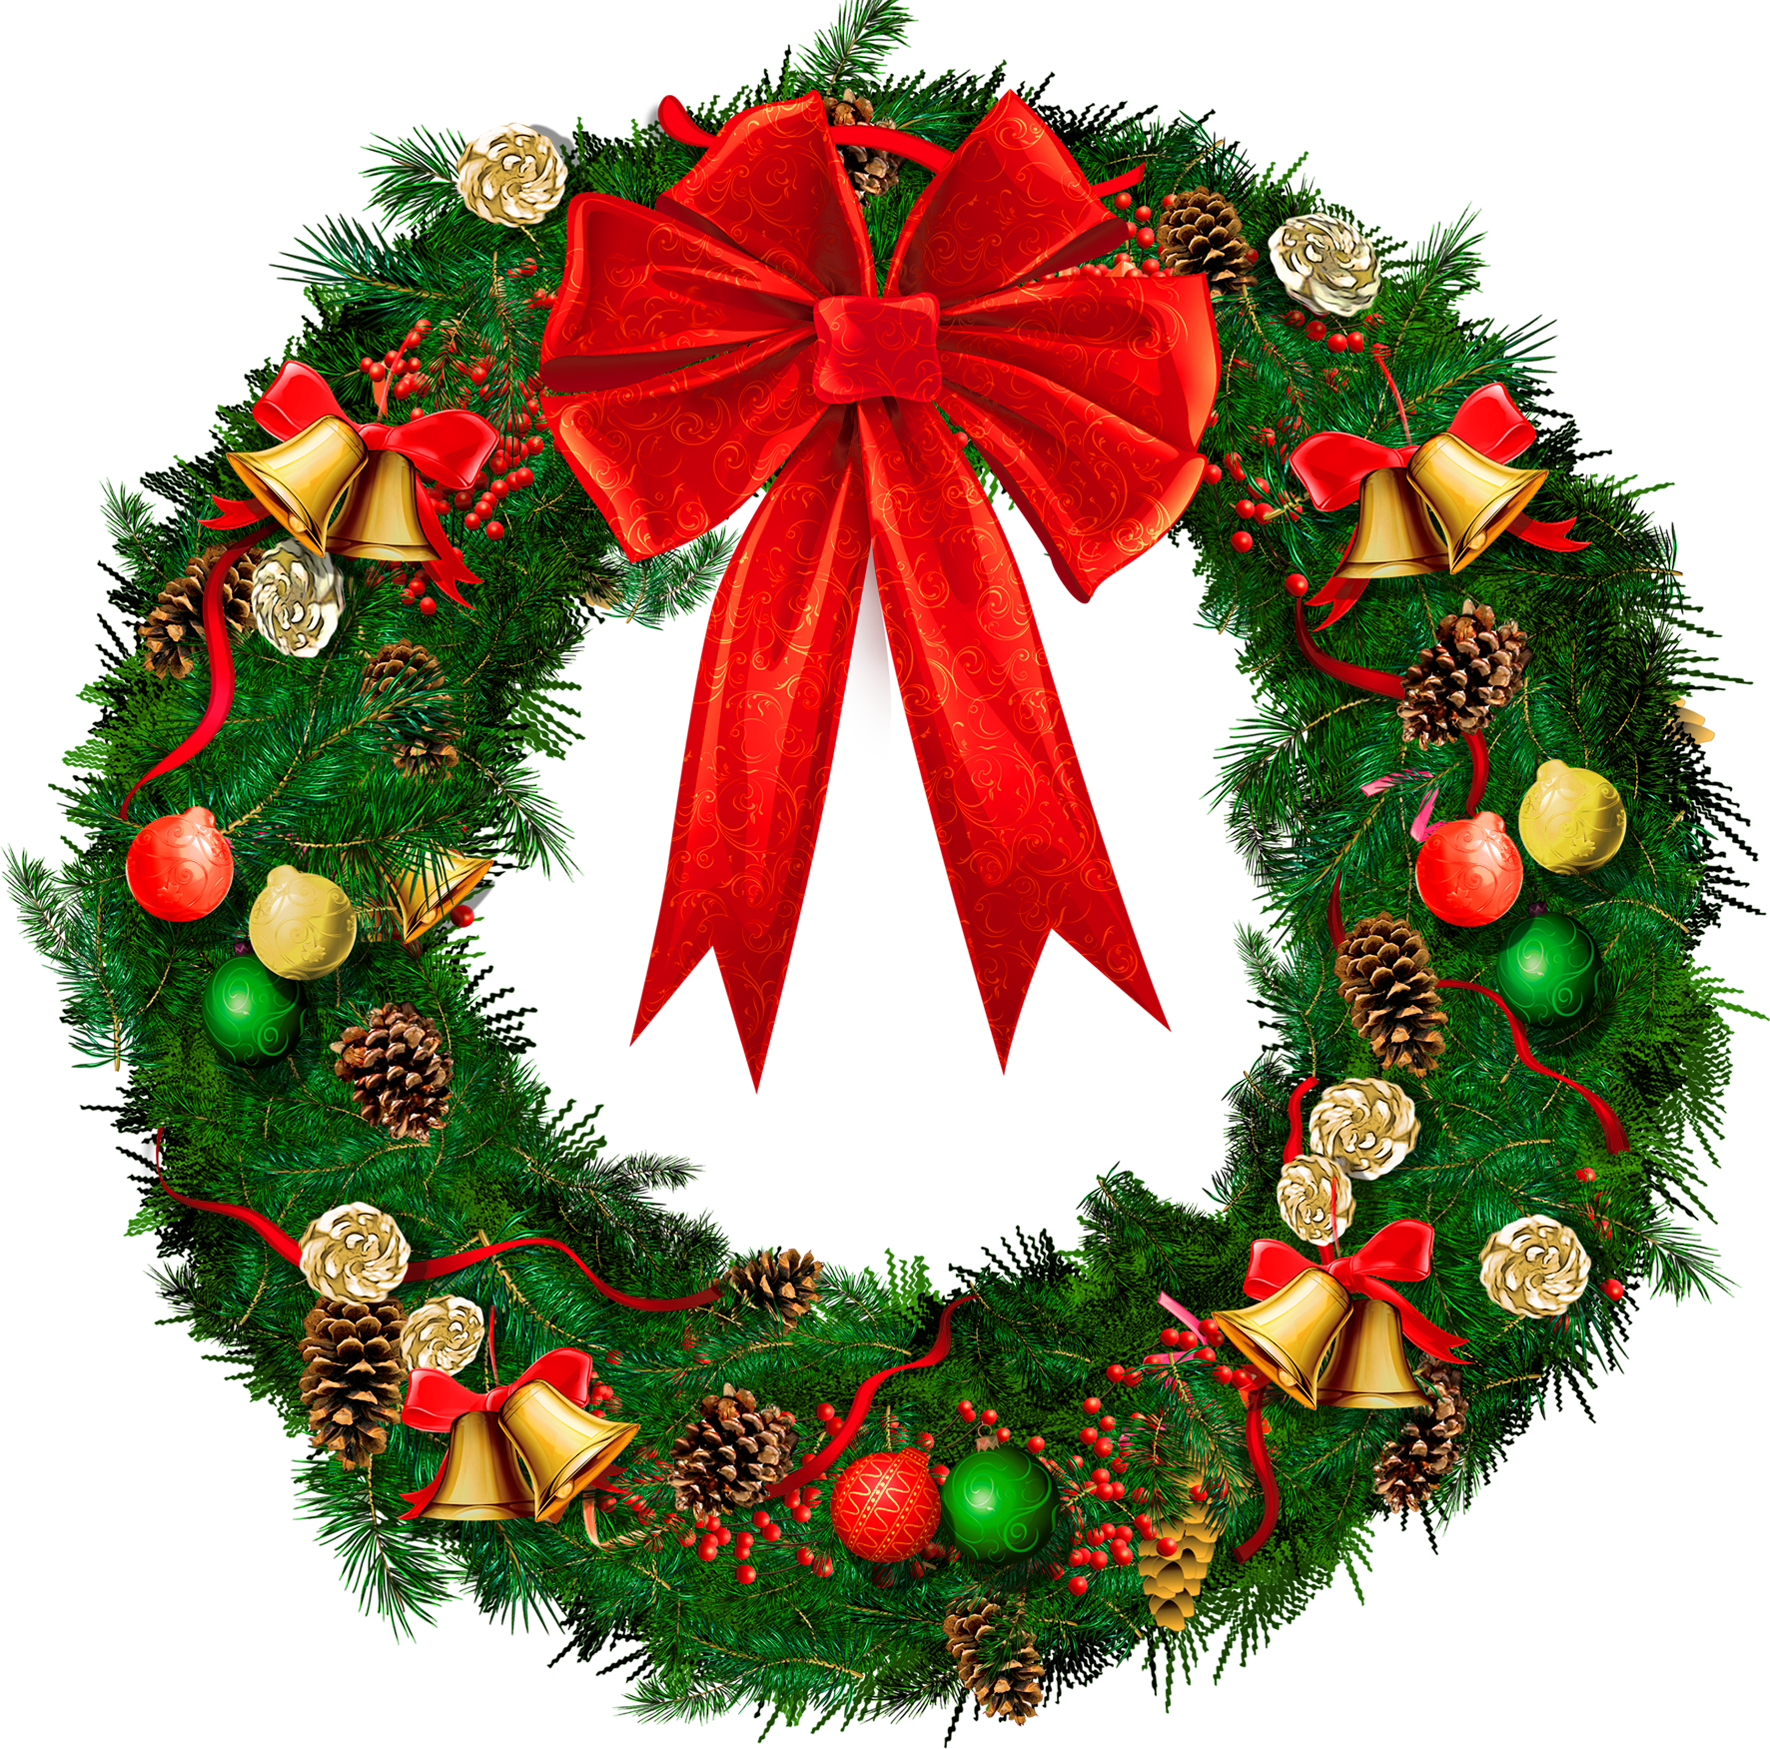 Christmas Wreath Png Image image #39759